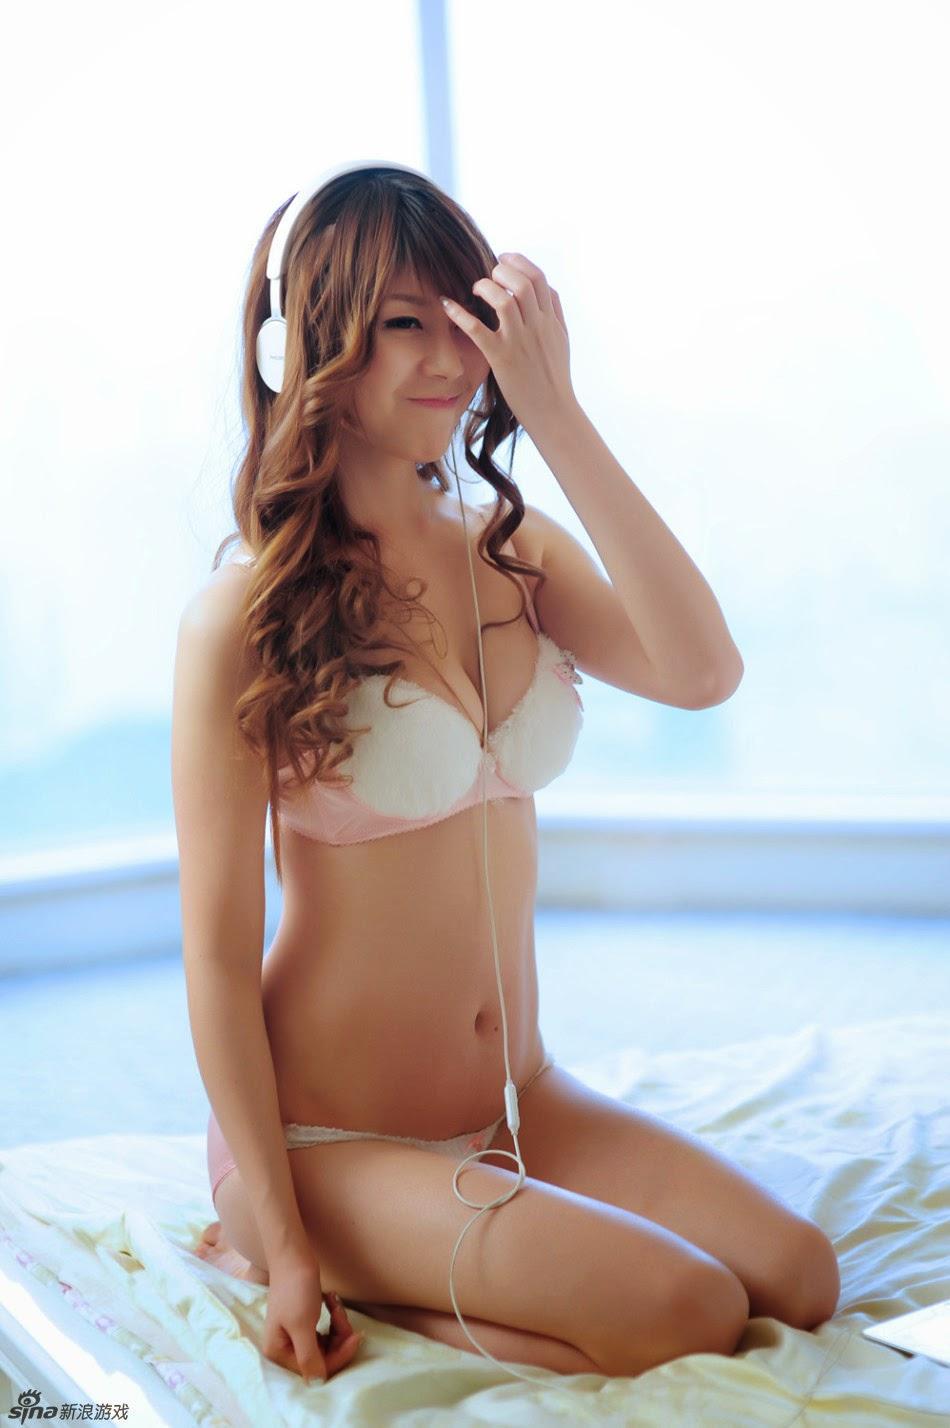 hinh bikini girl dep